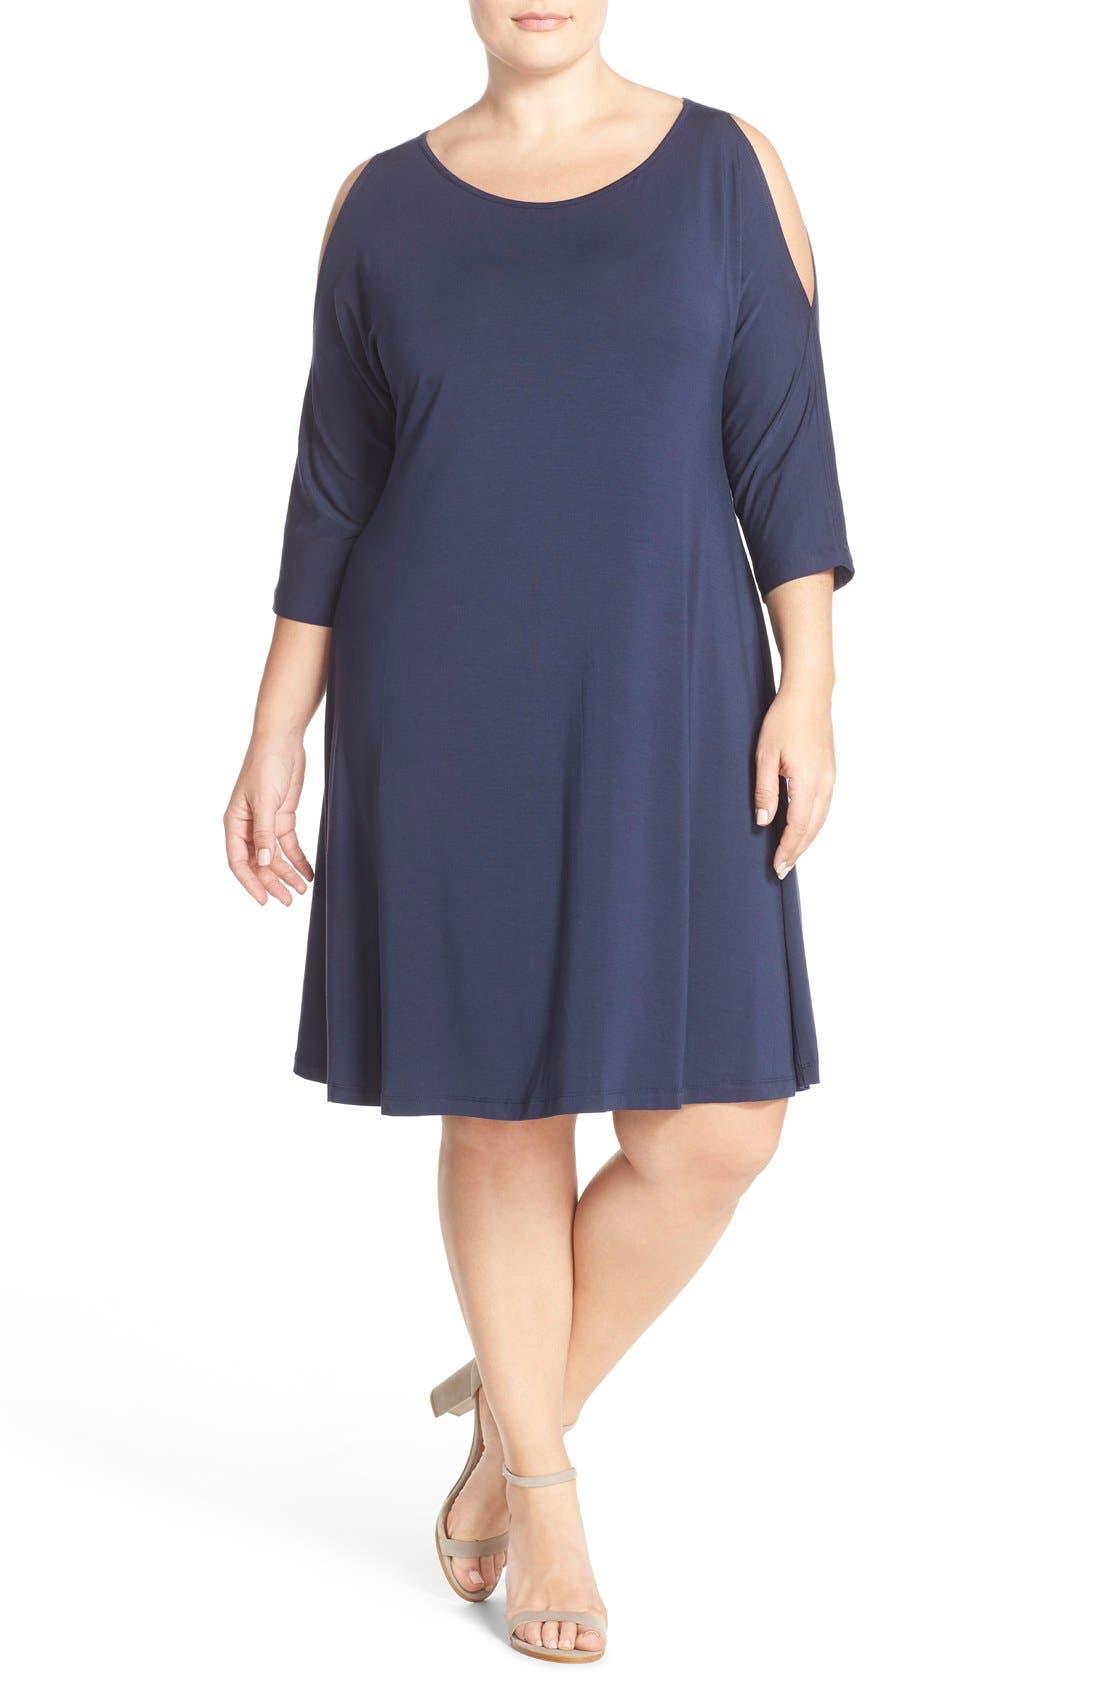 Tart 'Naya' Cold Shoulder A-Line Dress (Plus Size)